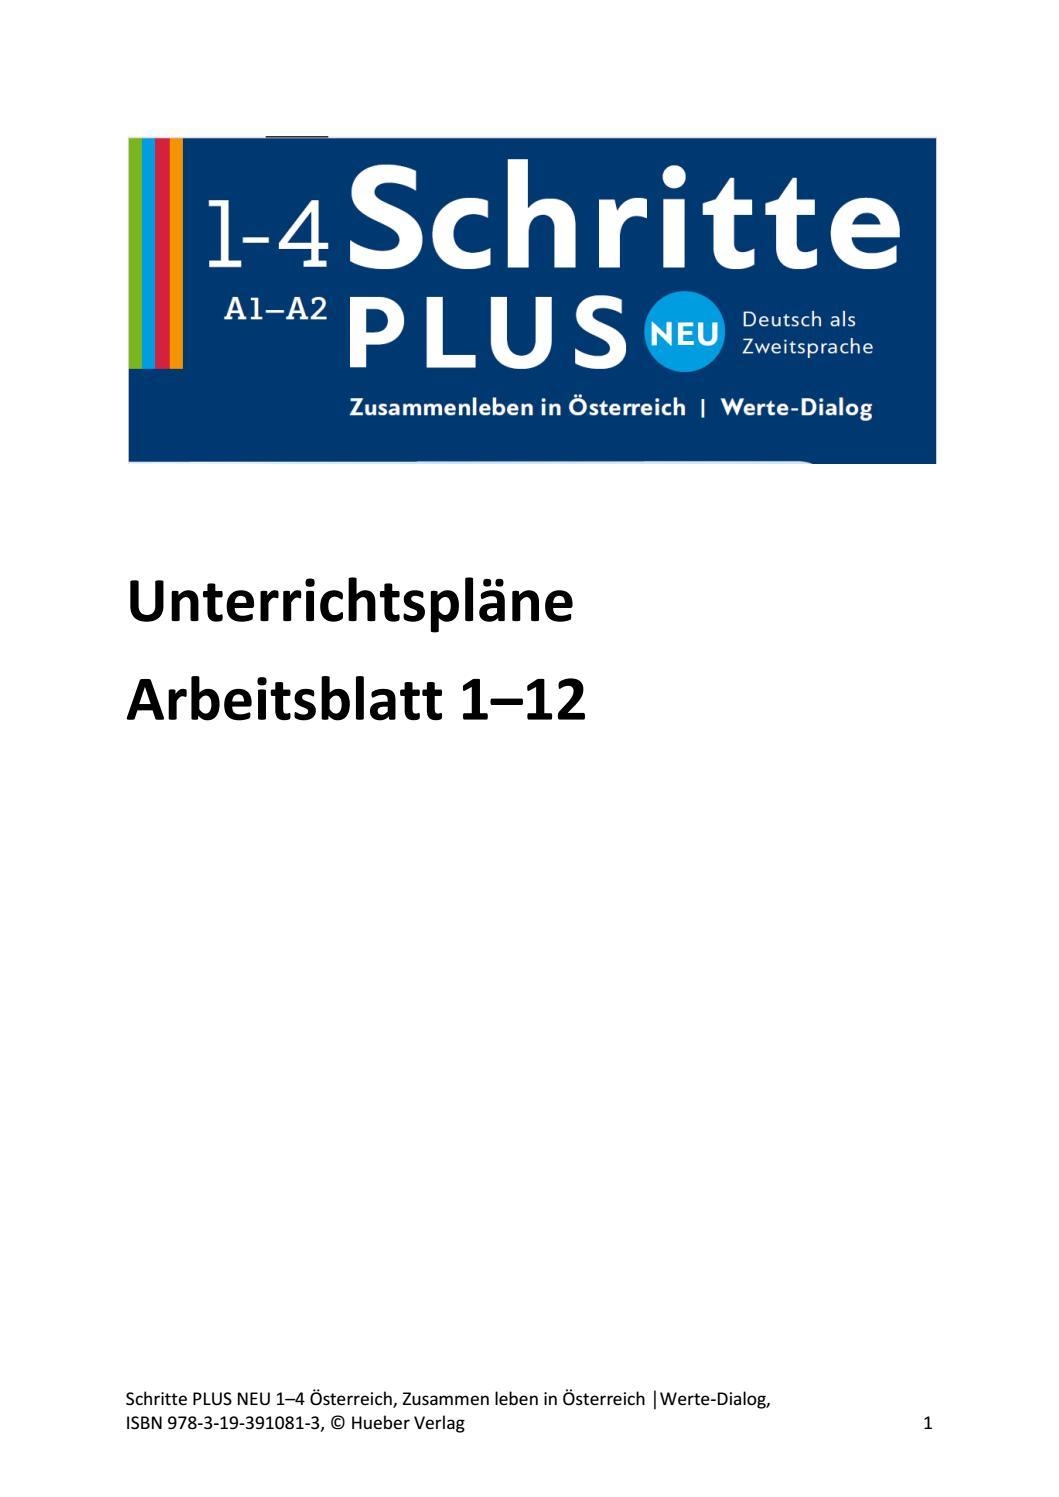 Unterrichtspläne arbeitsblatt 1 12 schritte plus neu werte dialog ...